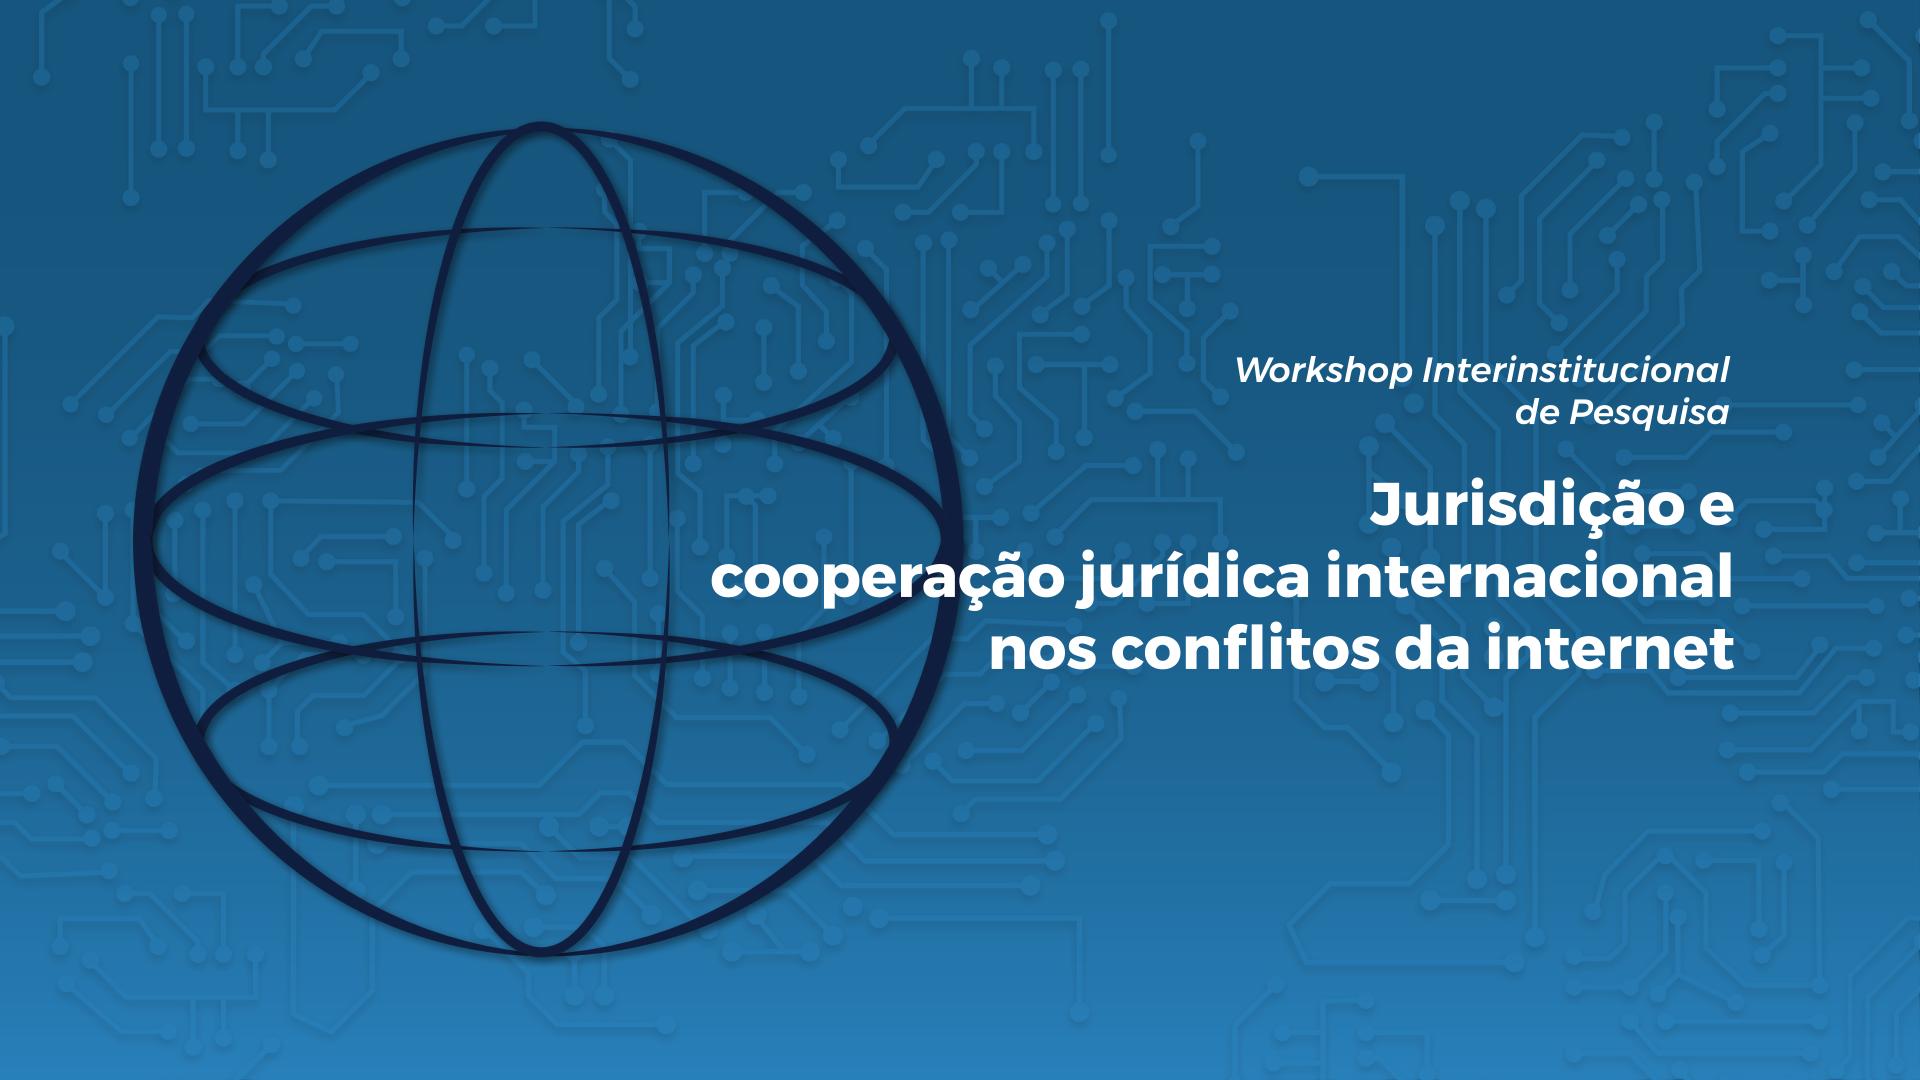 Workshop Interinstitucional de Pesquisa: Jurisdição e cooperação jurídica internacional nos conflitos da internet